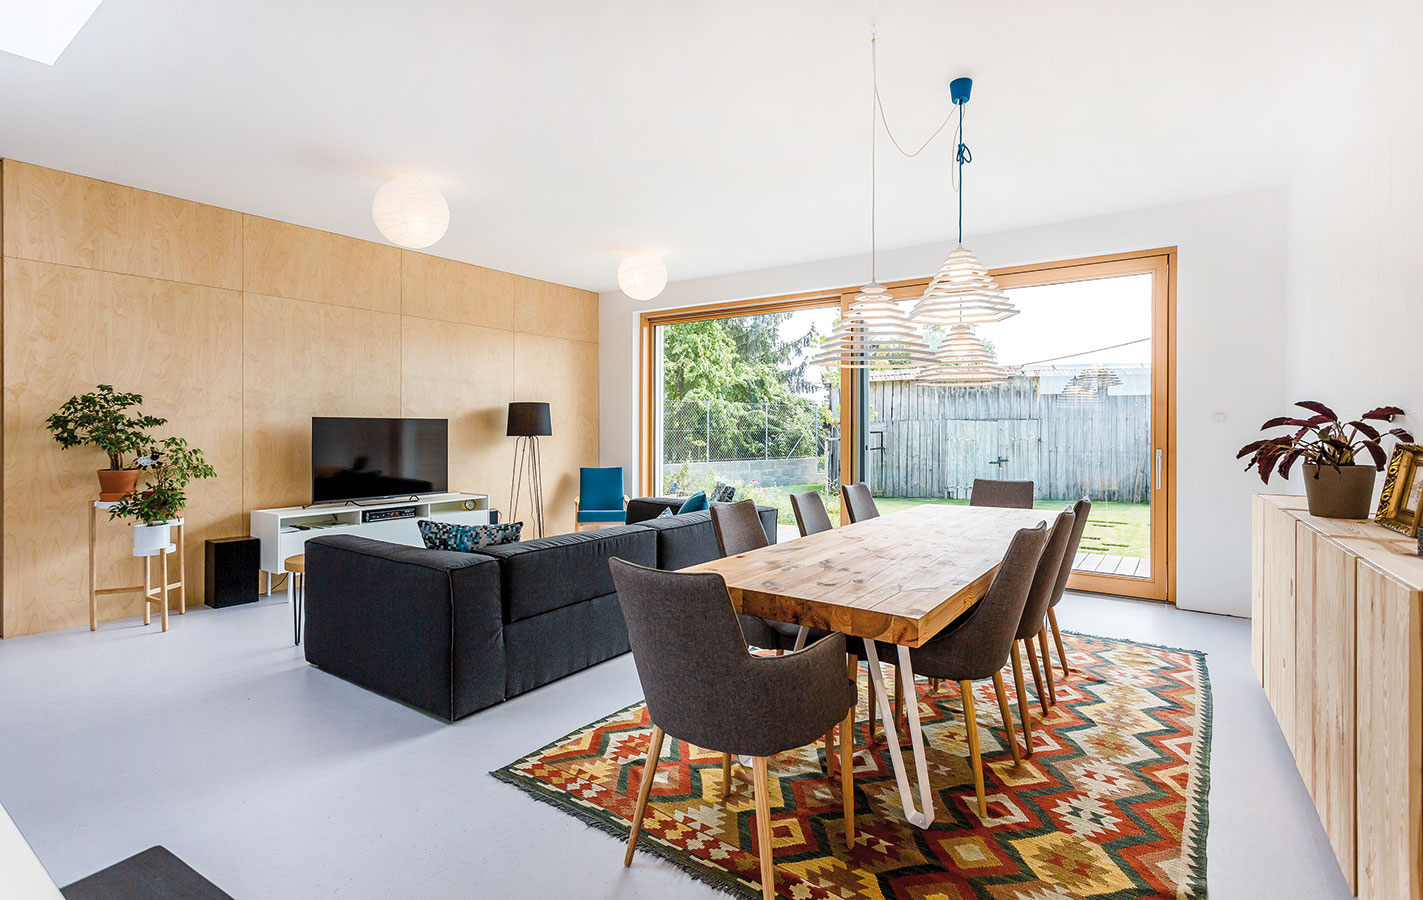 Podstatnú časť domu súžitkovou plochou 103 m2 zaberá otvorený spoločenský priestor.